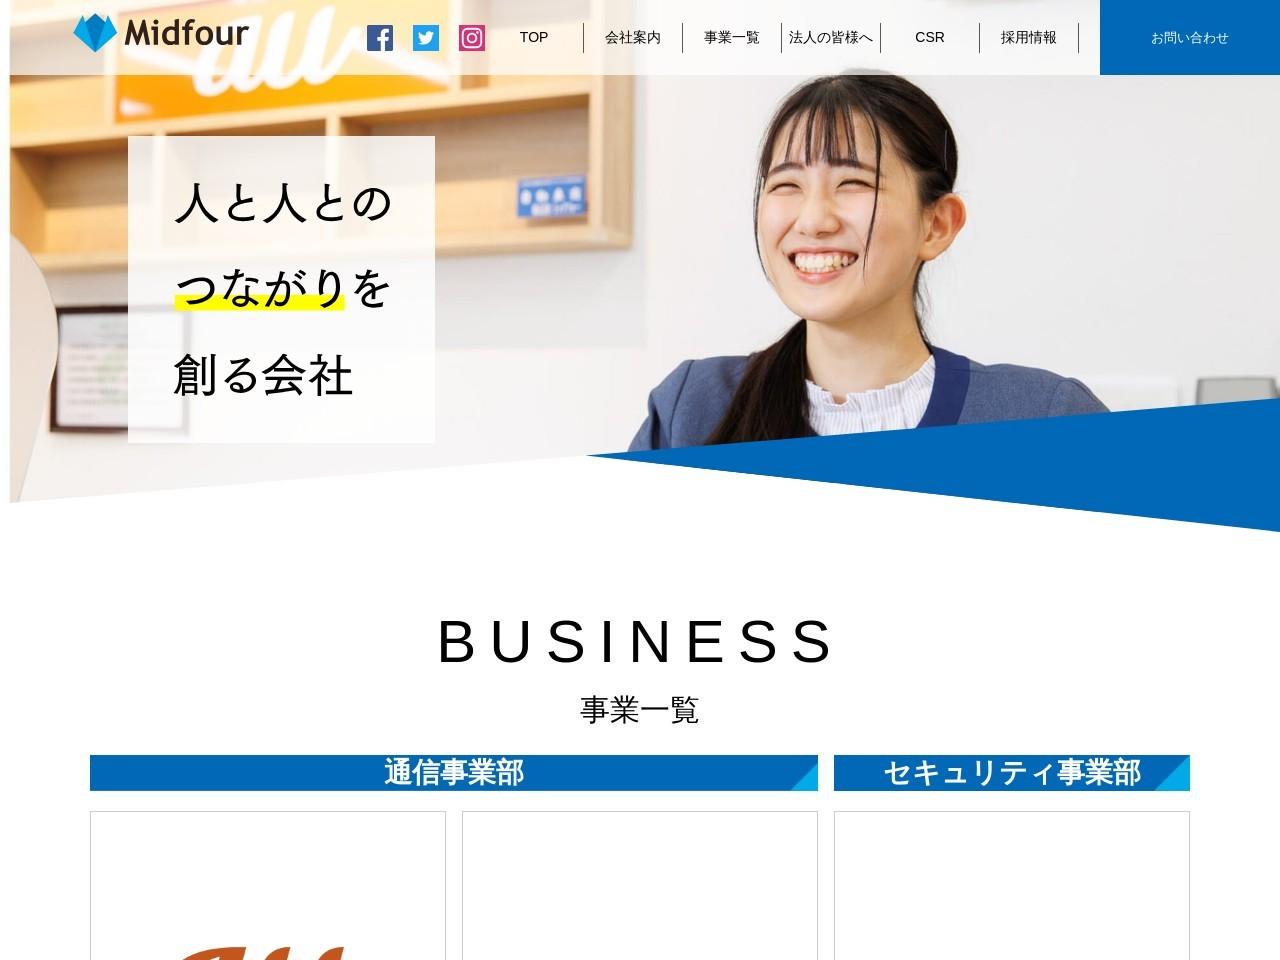 株式会社ミッドフォー北九州営業所